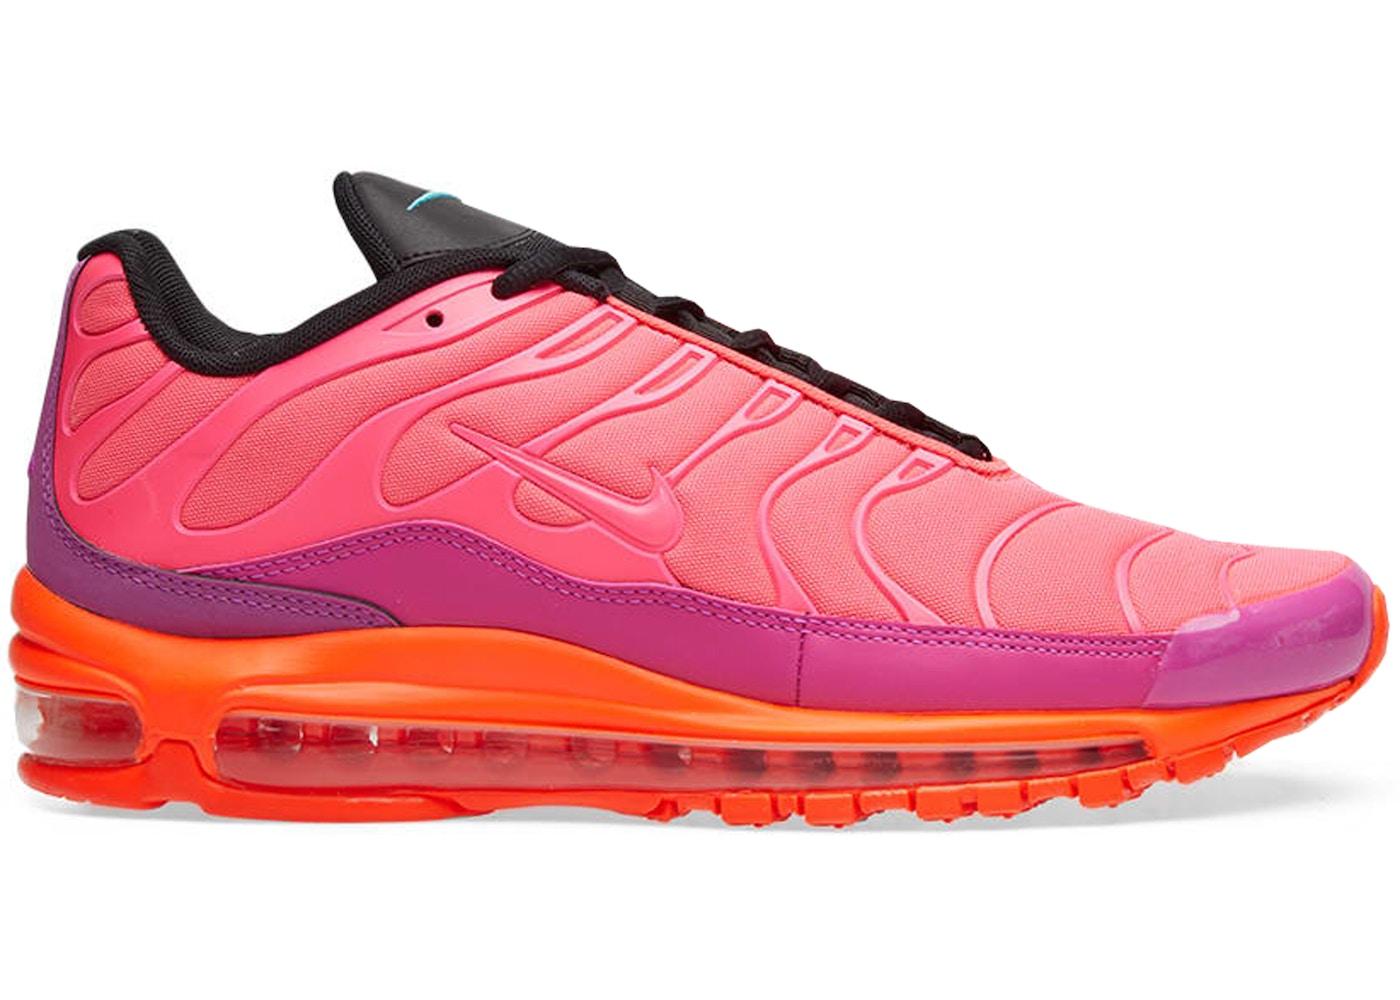 air max 97 pink